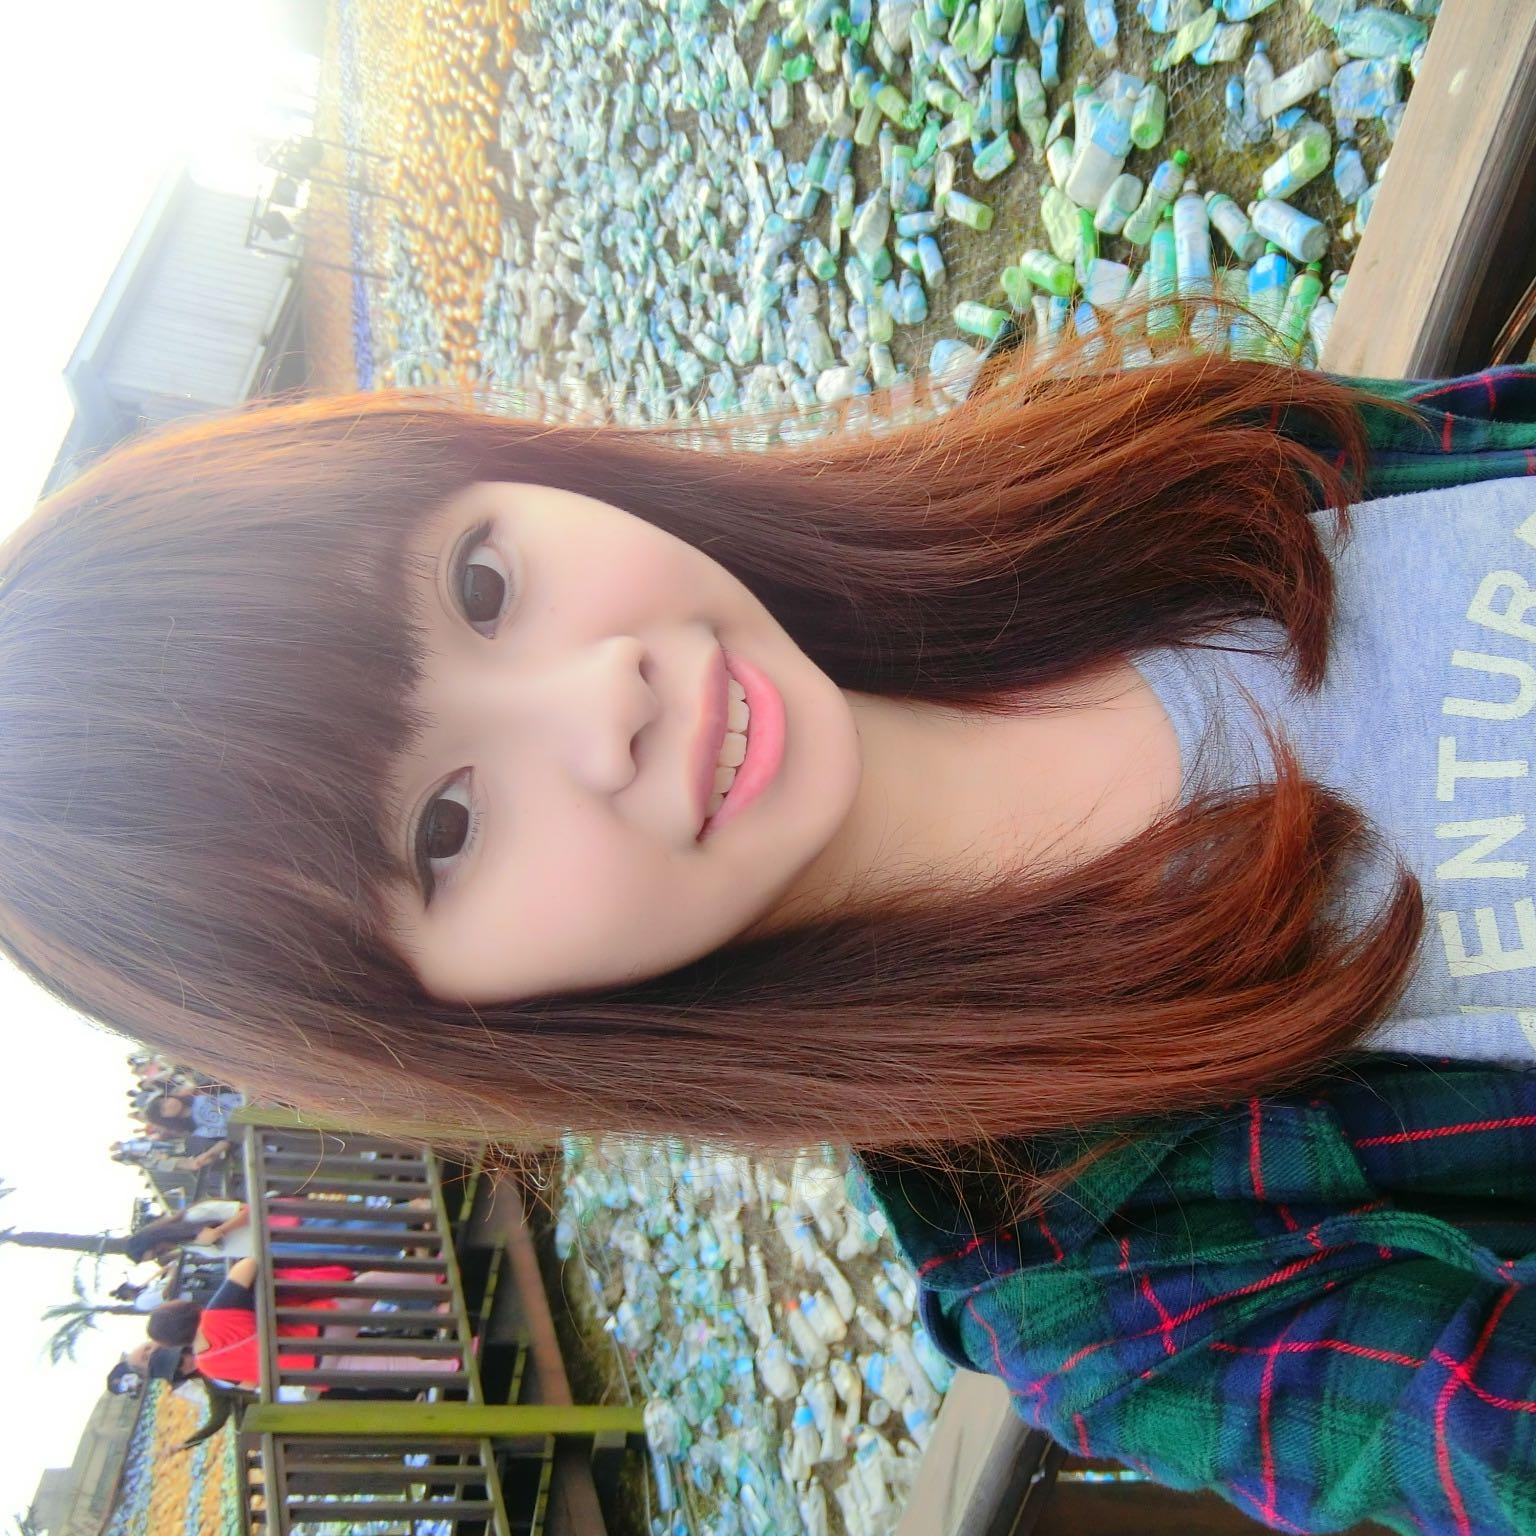 queenie_cheng